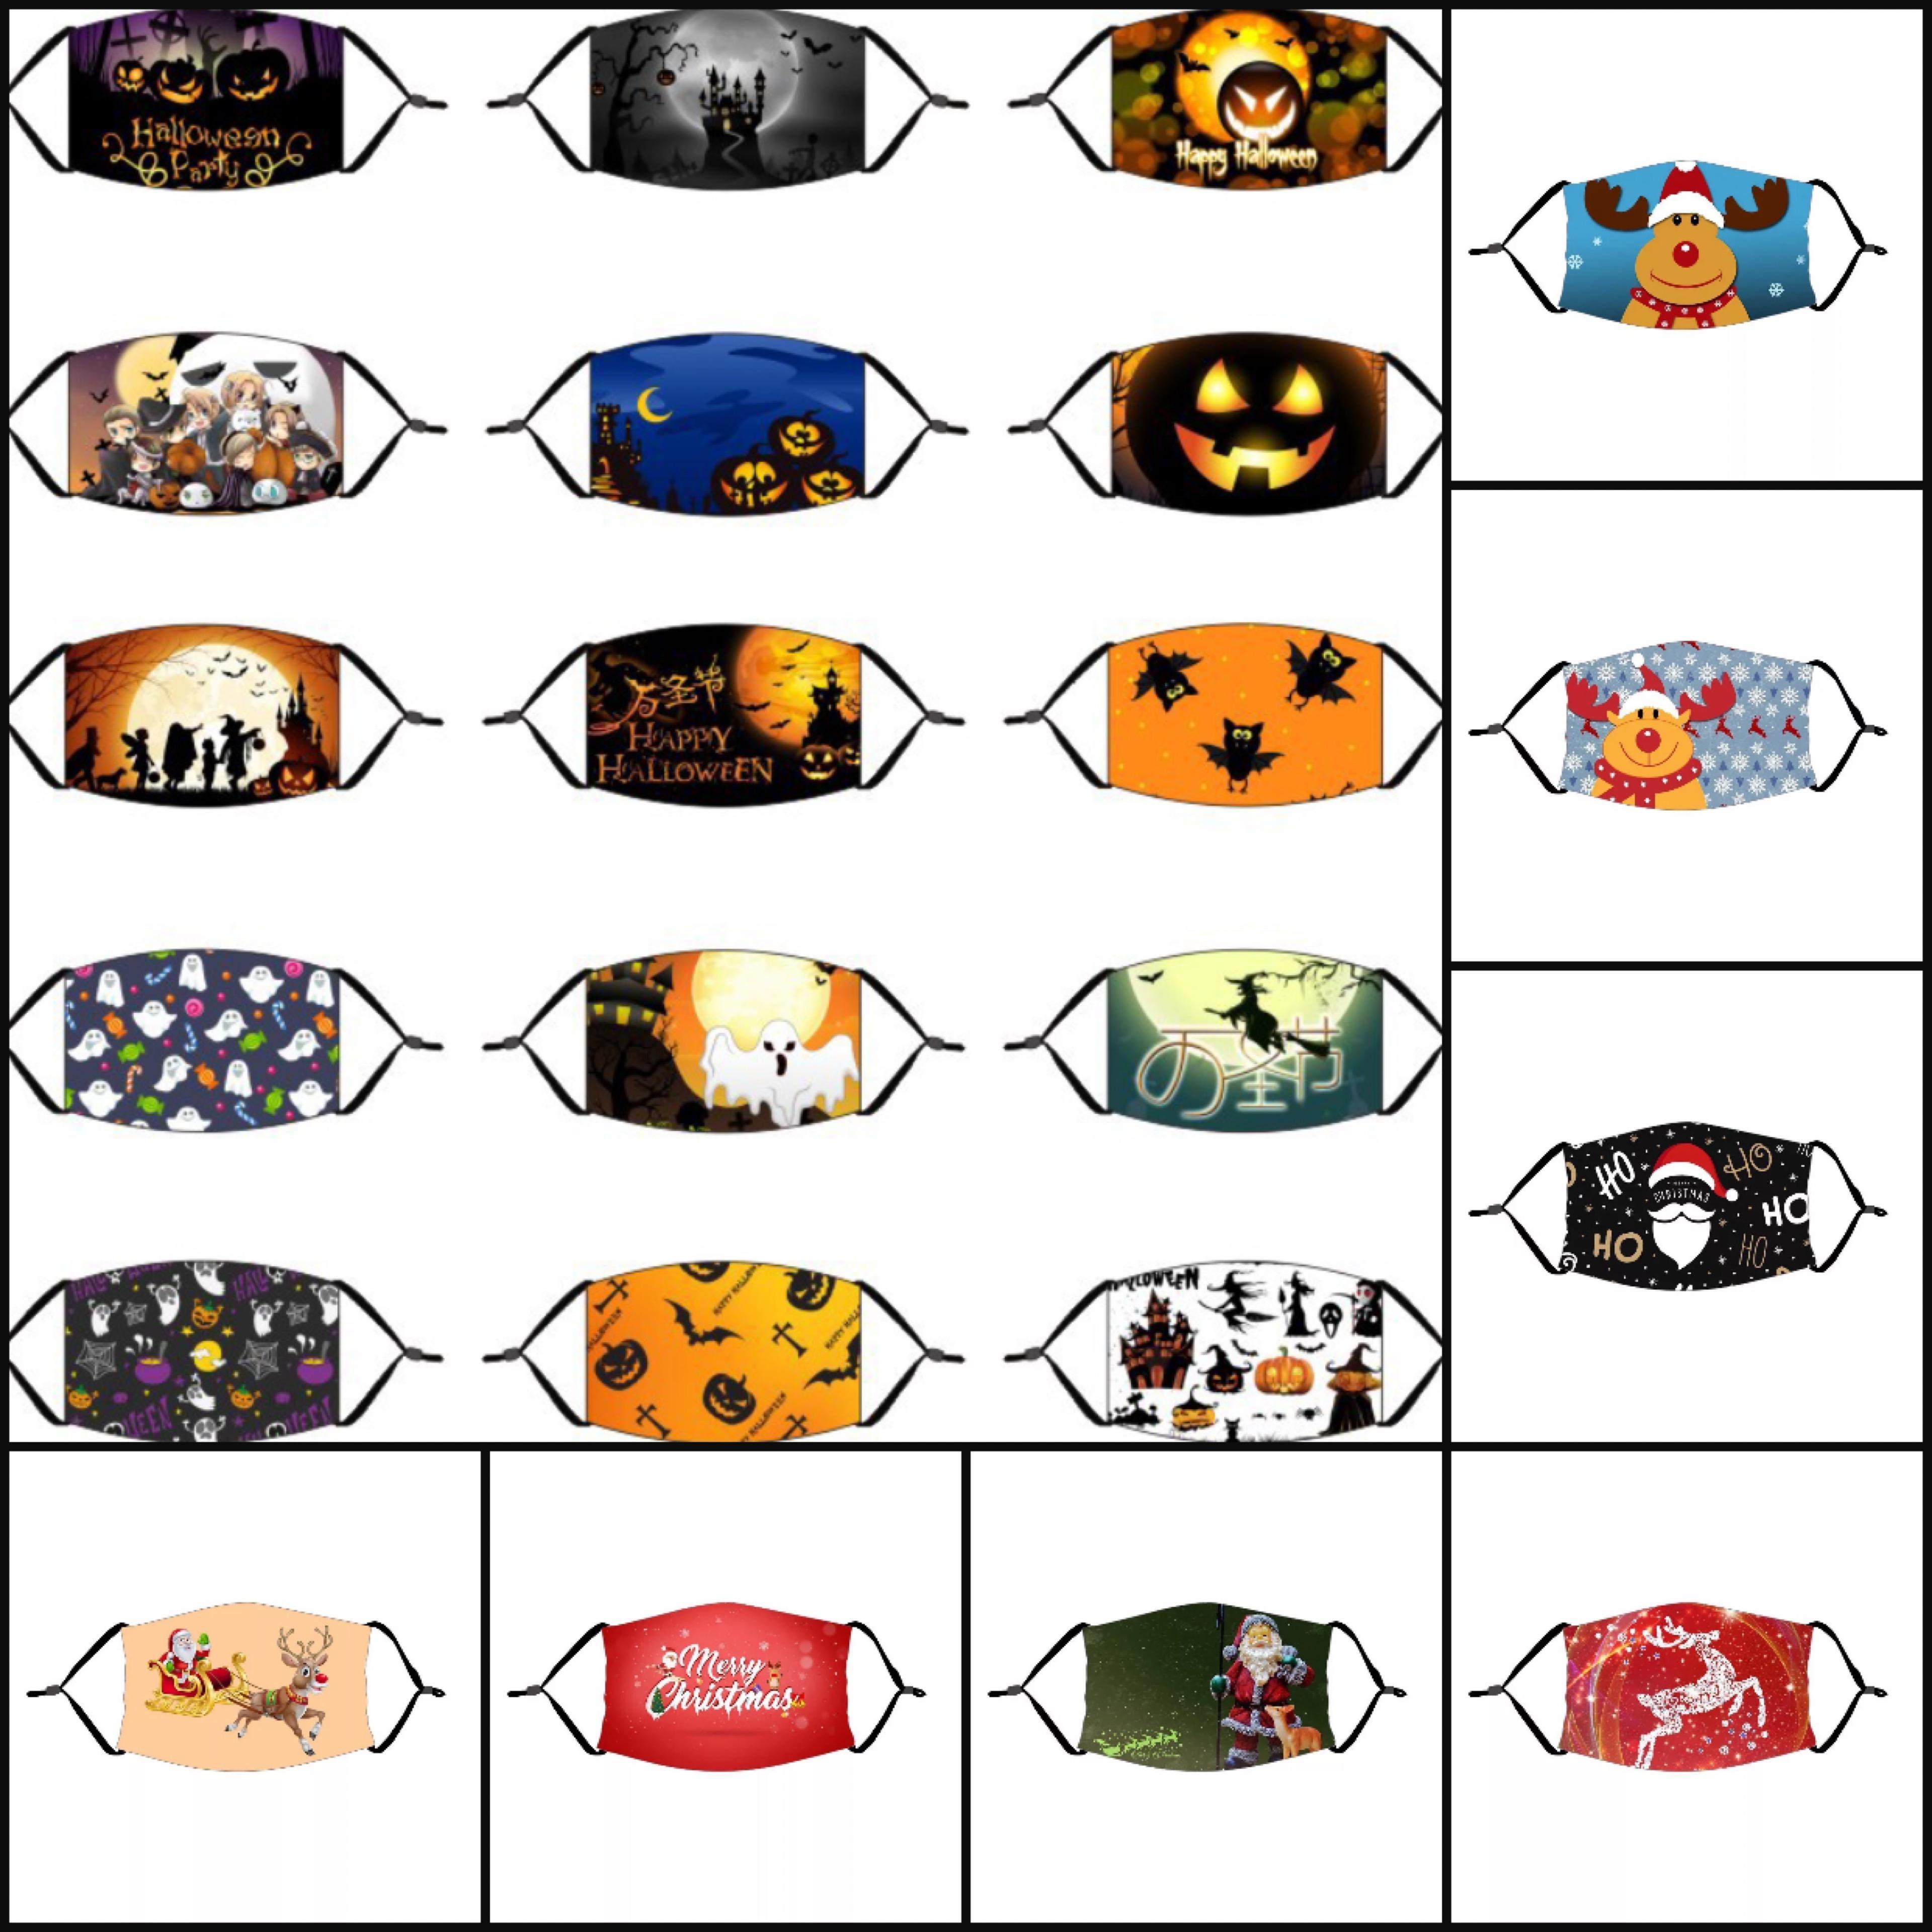 Halloween-Kürbis-Clown-Schädel-Masken-Weihnachtsweihnachtsmann-Rotwild Weihnachtsbaum Maske Cartoon Staubdichtes Gesicht für Erwachsene Kinder mit Filtermaske